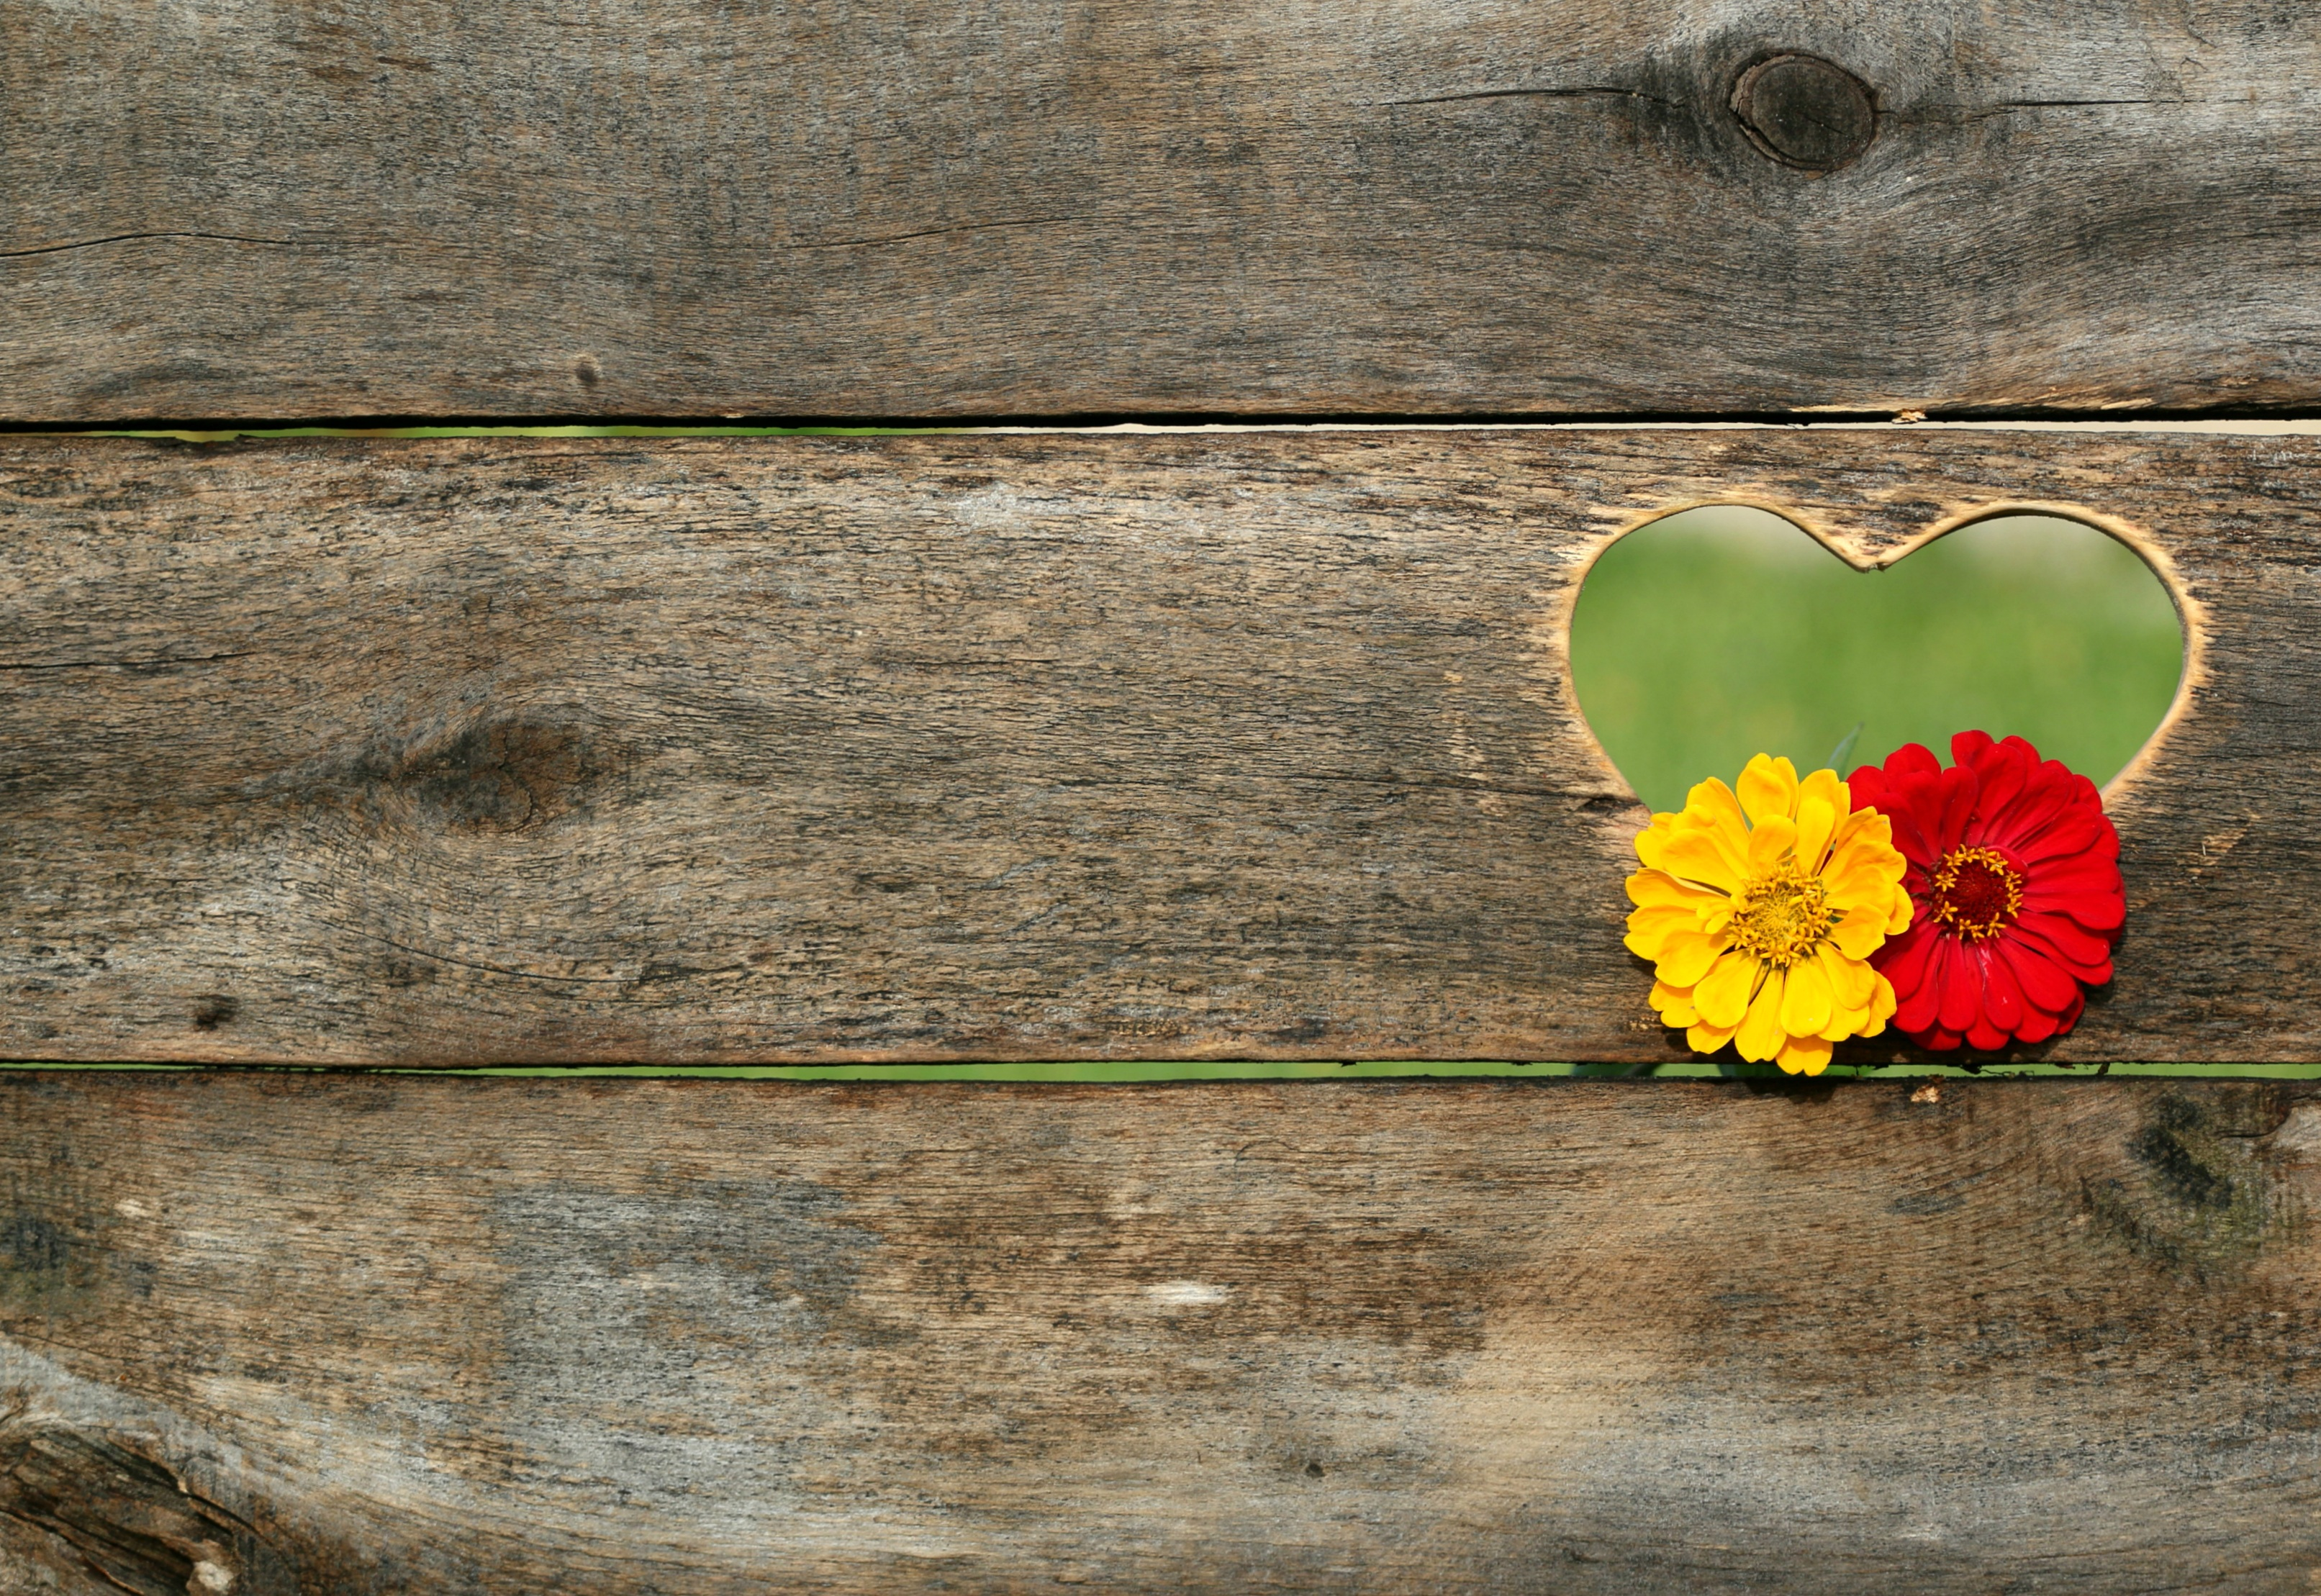 postcard-heart-flowers-board-158635.jpeg (3225×2218)